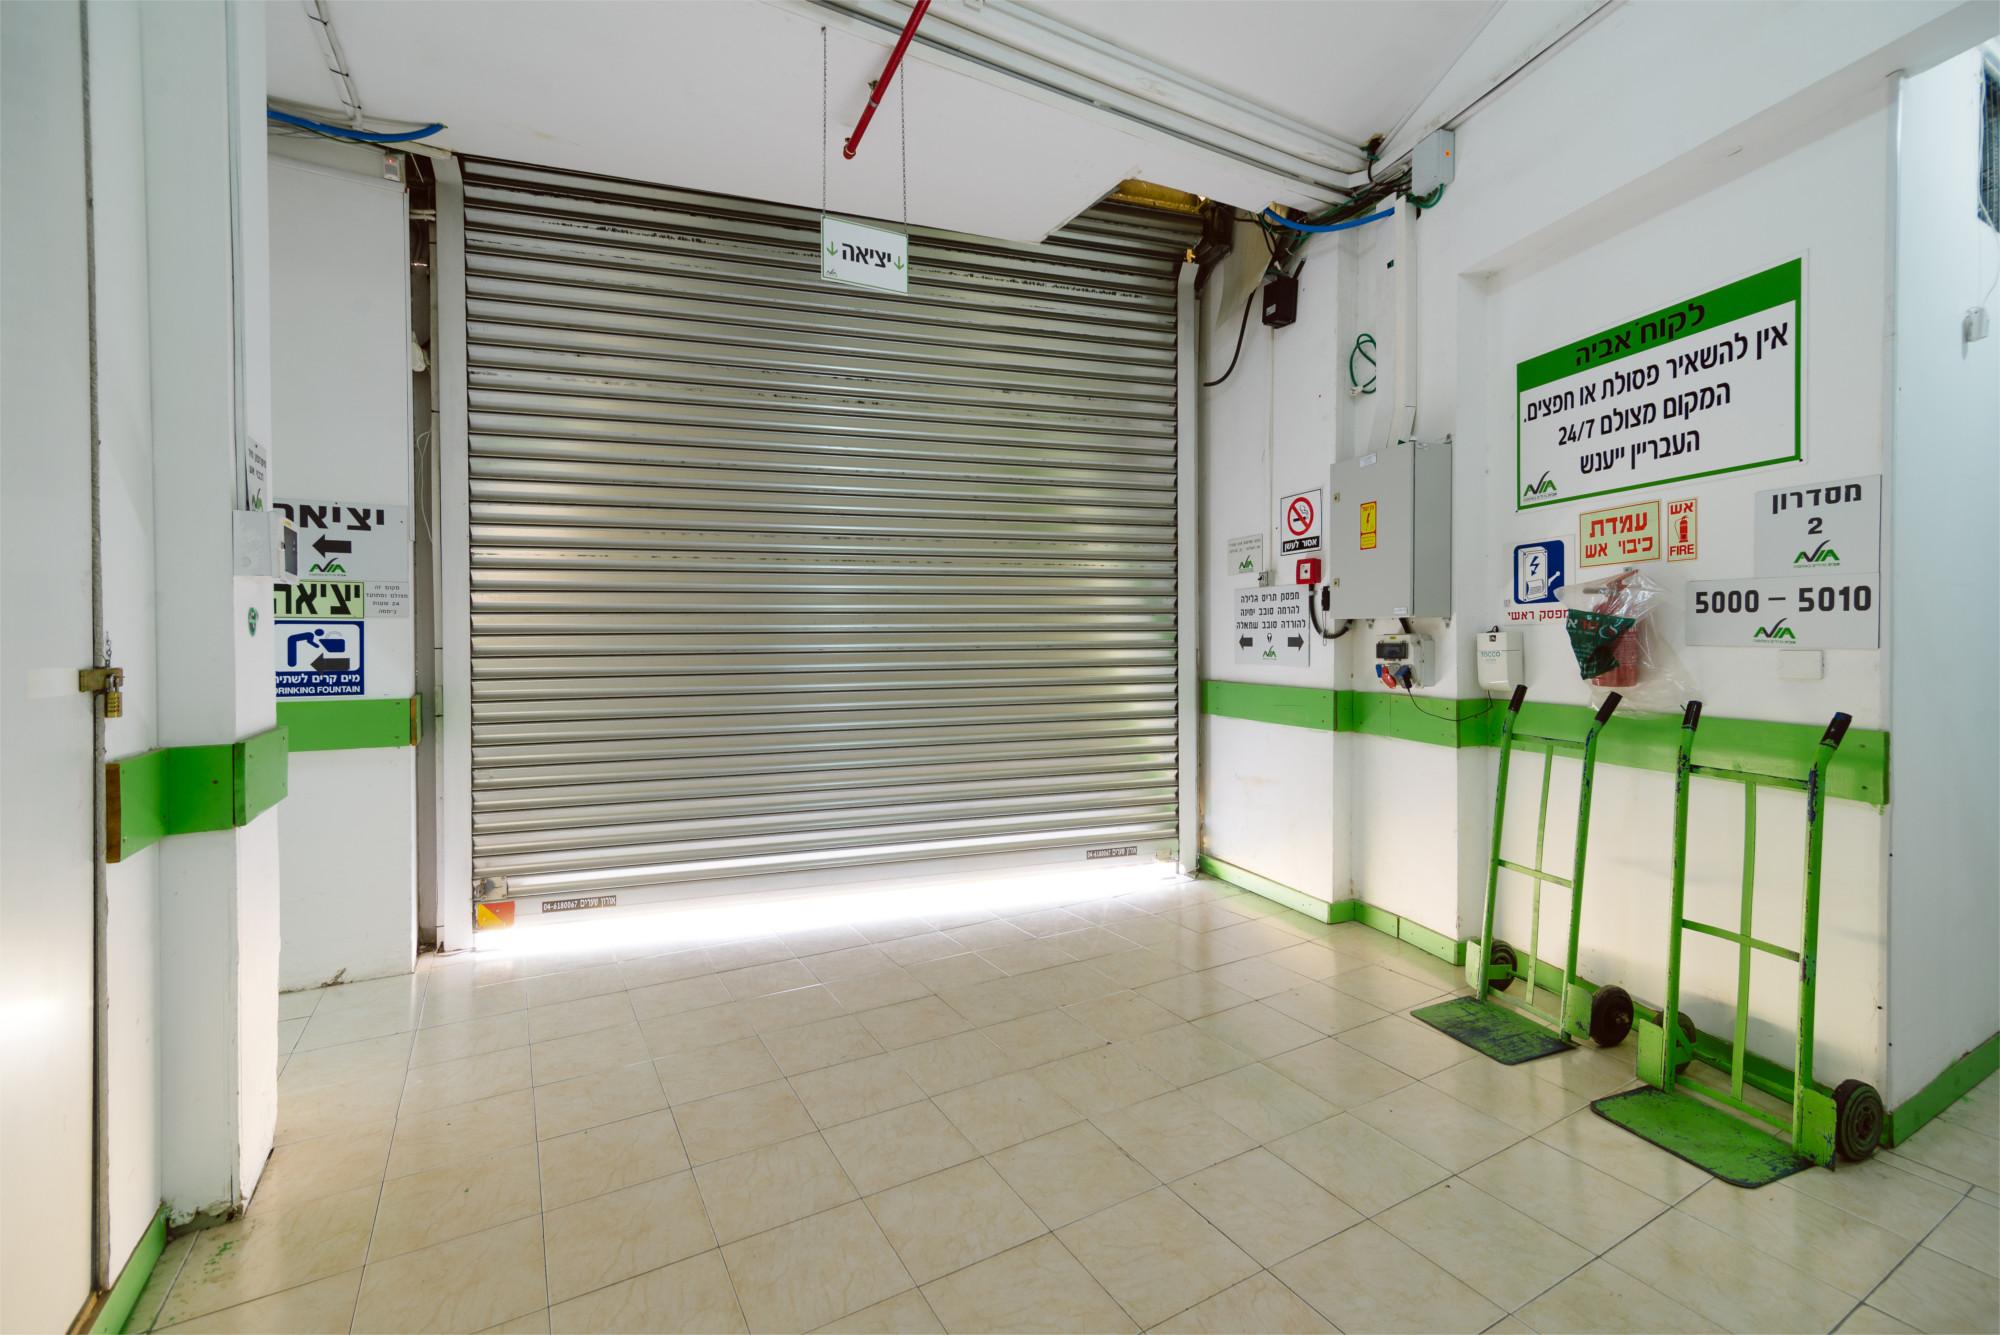 סניף חיפה - רחבת כניסה | מחסנים להשכרה בחיפה